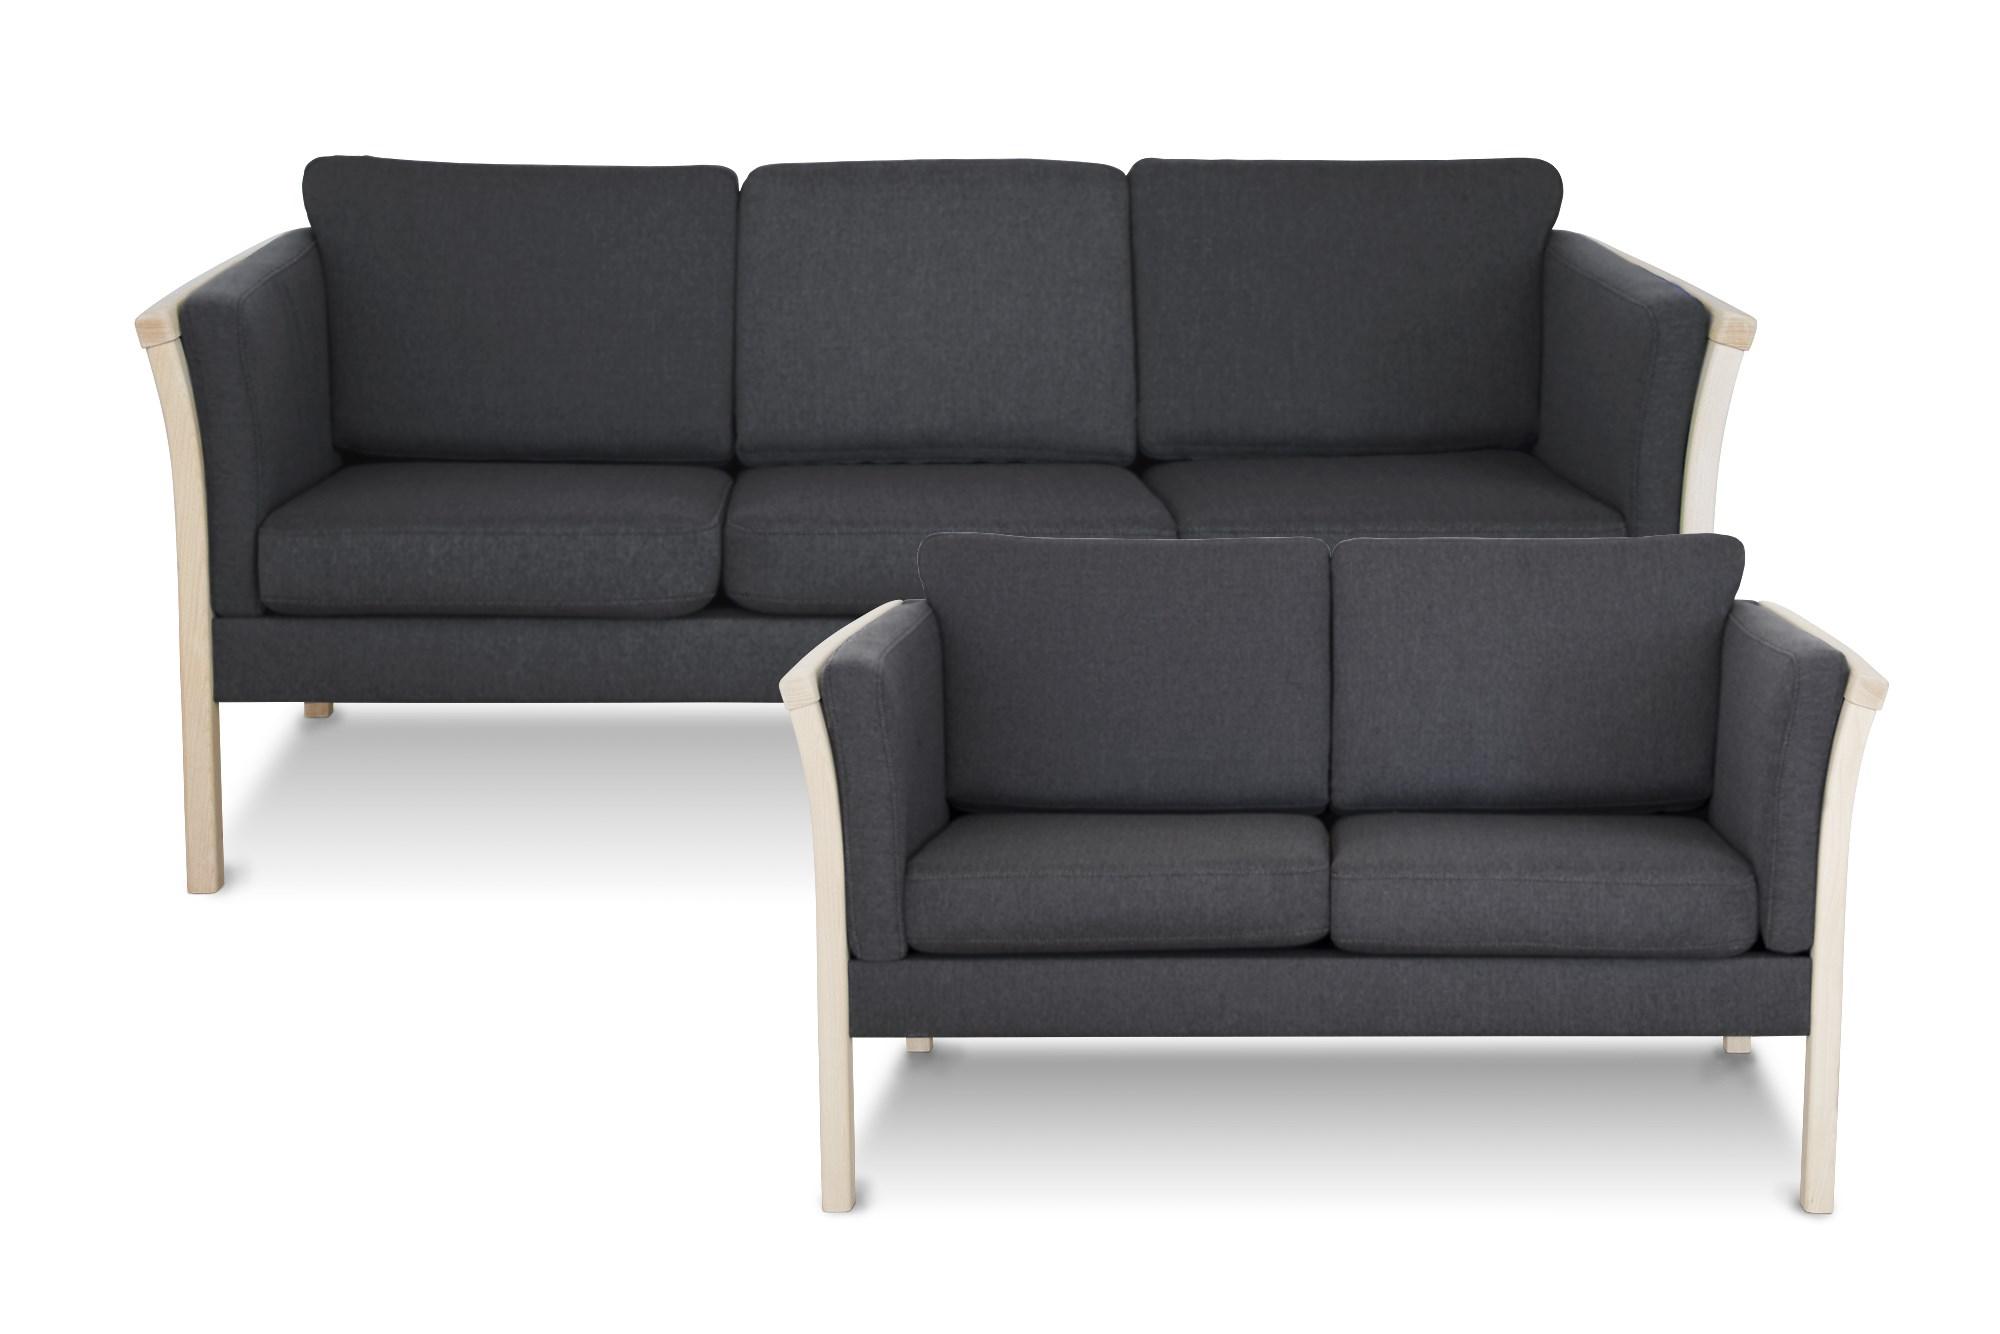 2 & 3 personers sofaer